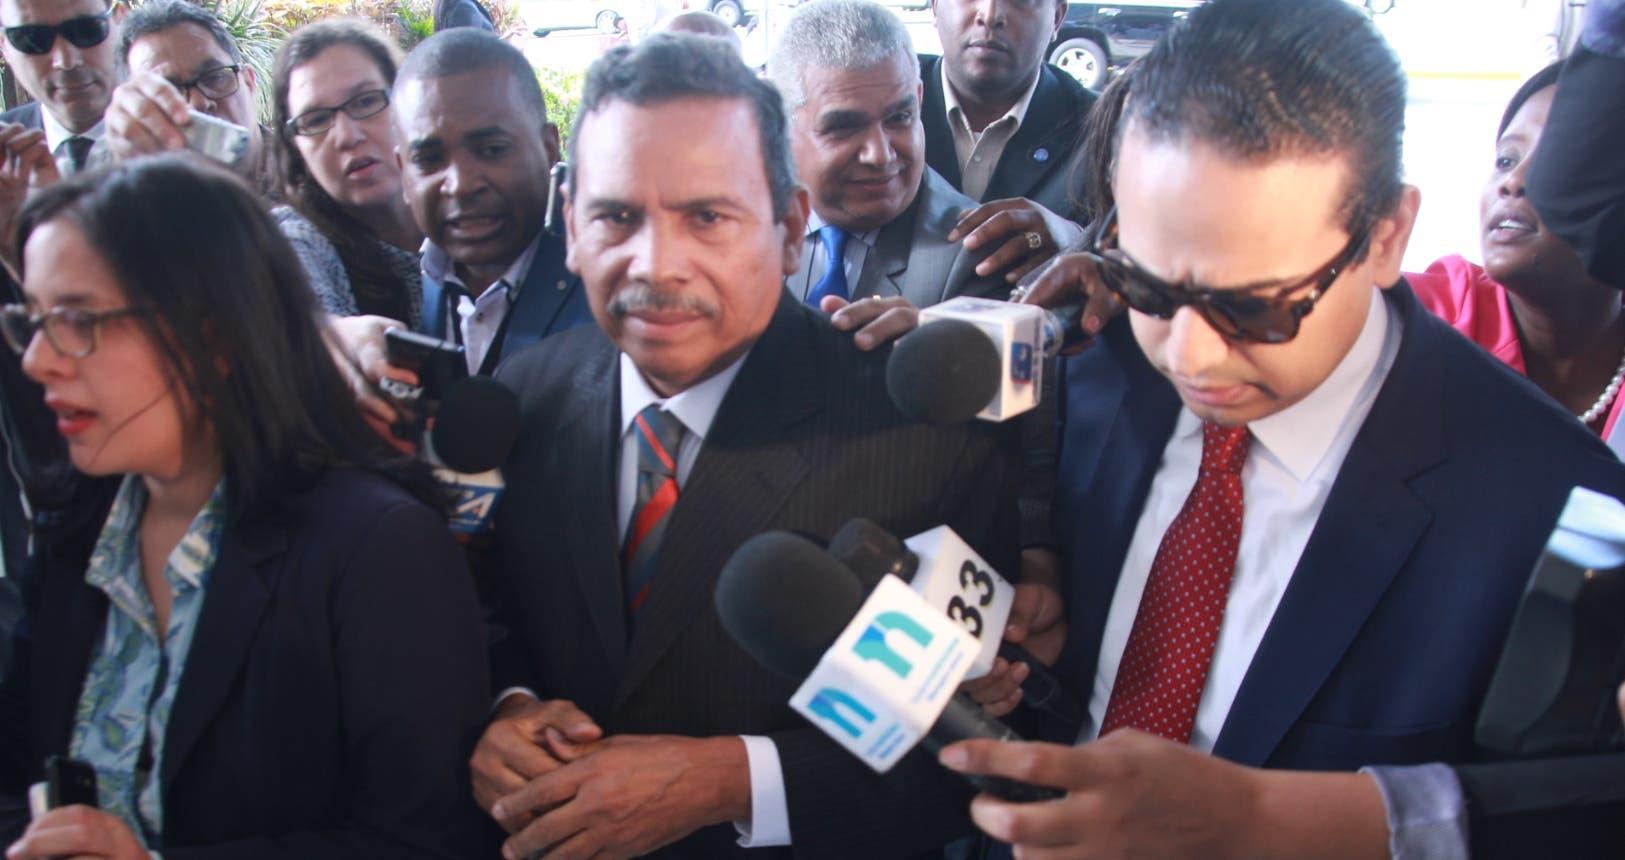 Radhamés Segura al llegar a la Procuraduría General de la República para ser interrogado por una negociación con Odebrecht.